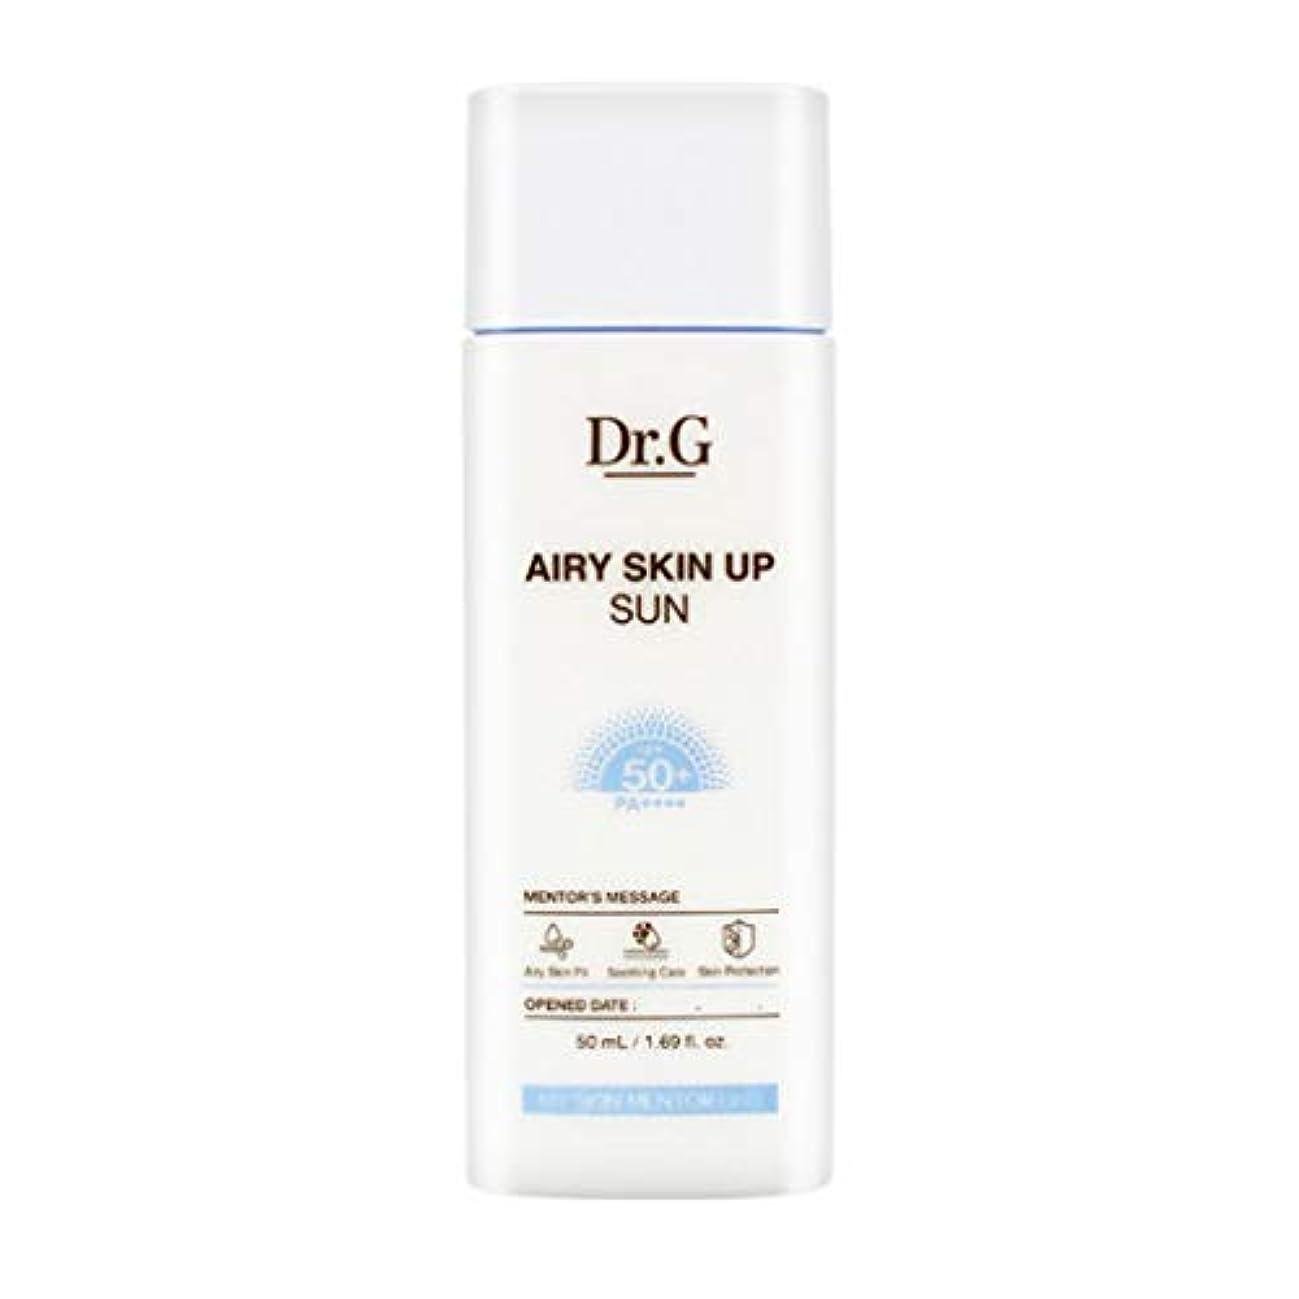 面勝つすり減るDr.G ドクタージー Airy Skin Up Sun エアリースキンアップサン (50ml) SPF50+ PA++++ Dr G DrG 日焼け止め